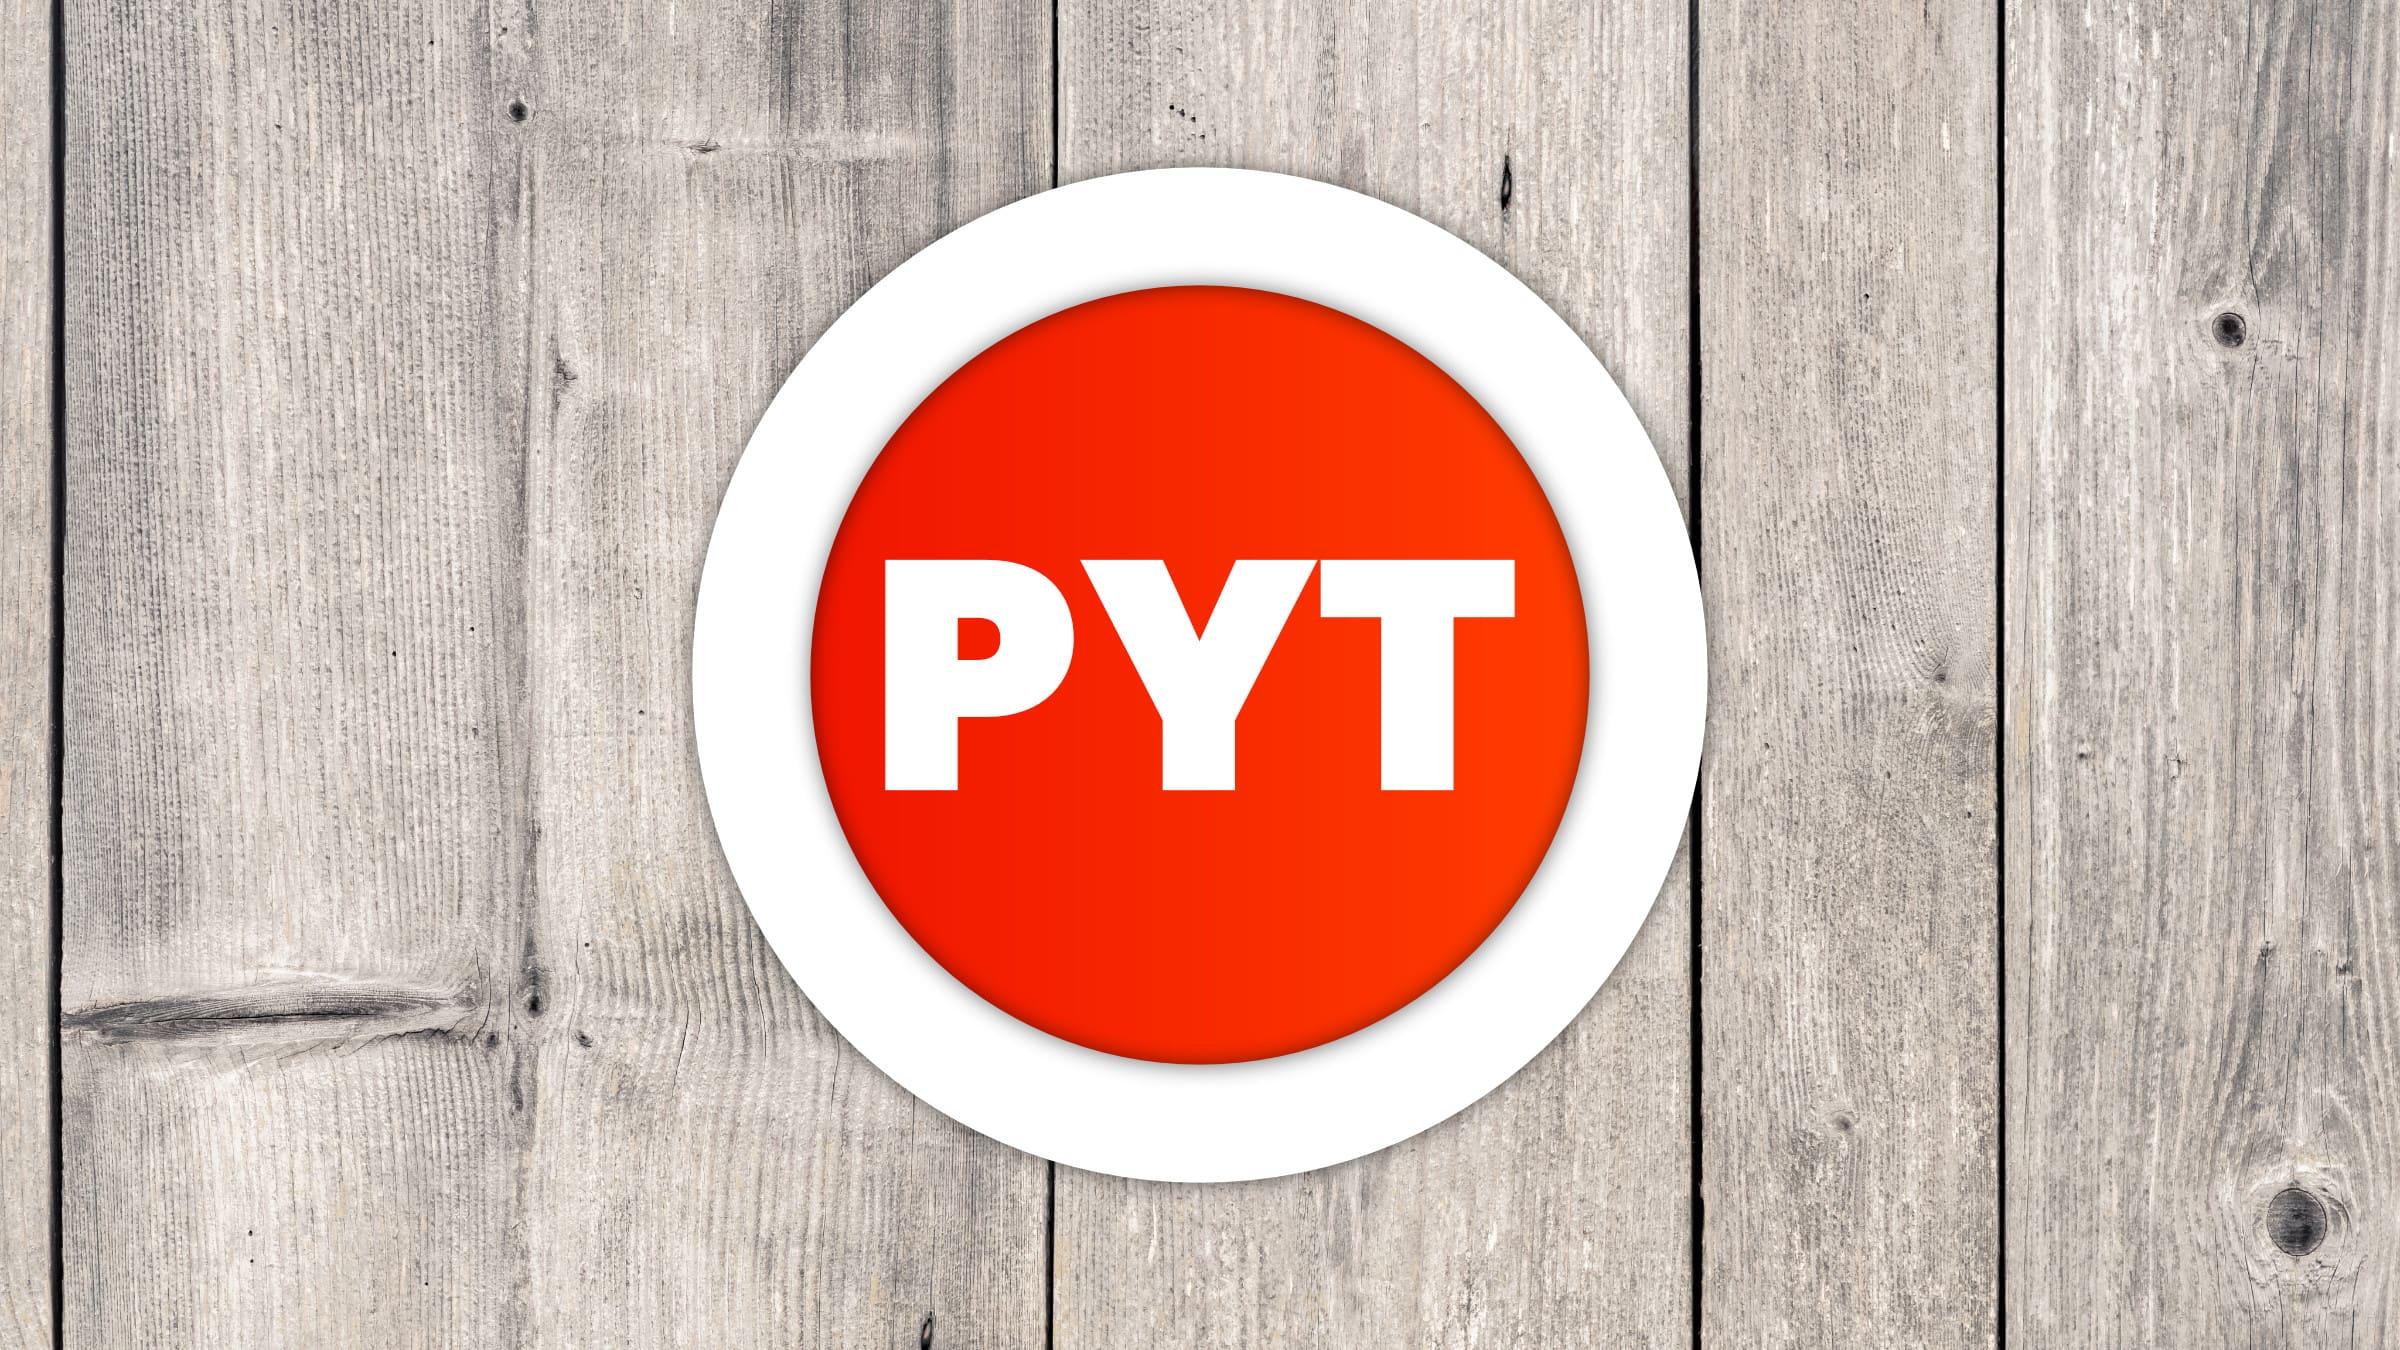 Sich einfach mal nicht aufregen: Das ist Pyt. Pyt ist Problemlösung auf Dänisch. Wenn die Dänen sich eigentlich aufregen, dann drücken sie schnell den Pyt-Knopf – und schon ist der Ärger vergessen. Das schont die Psyche.